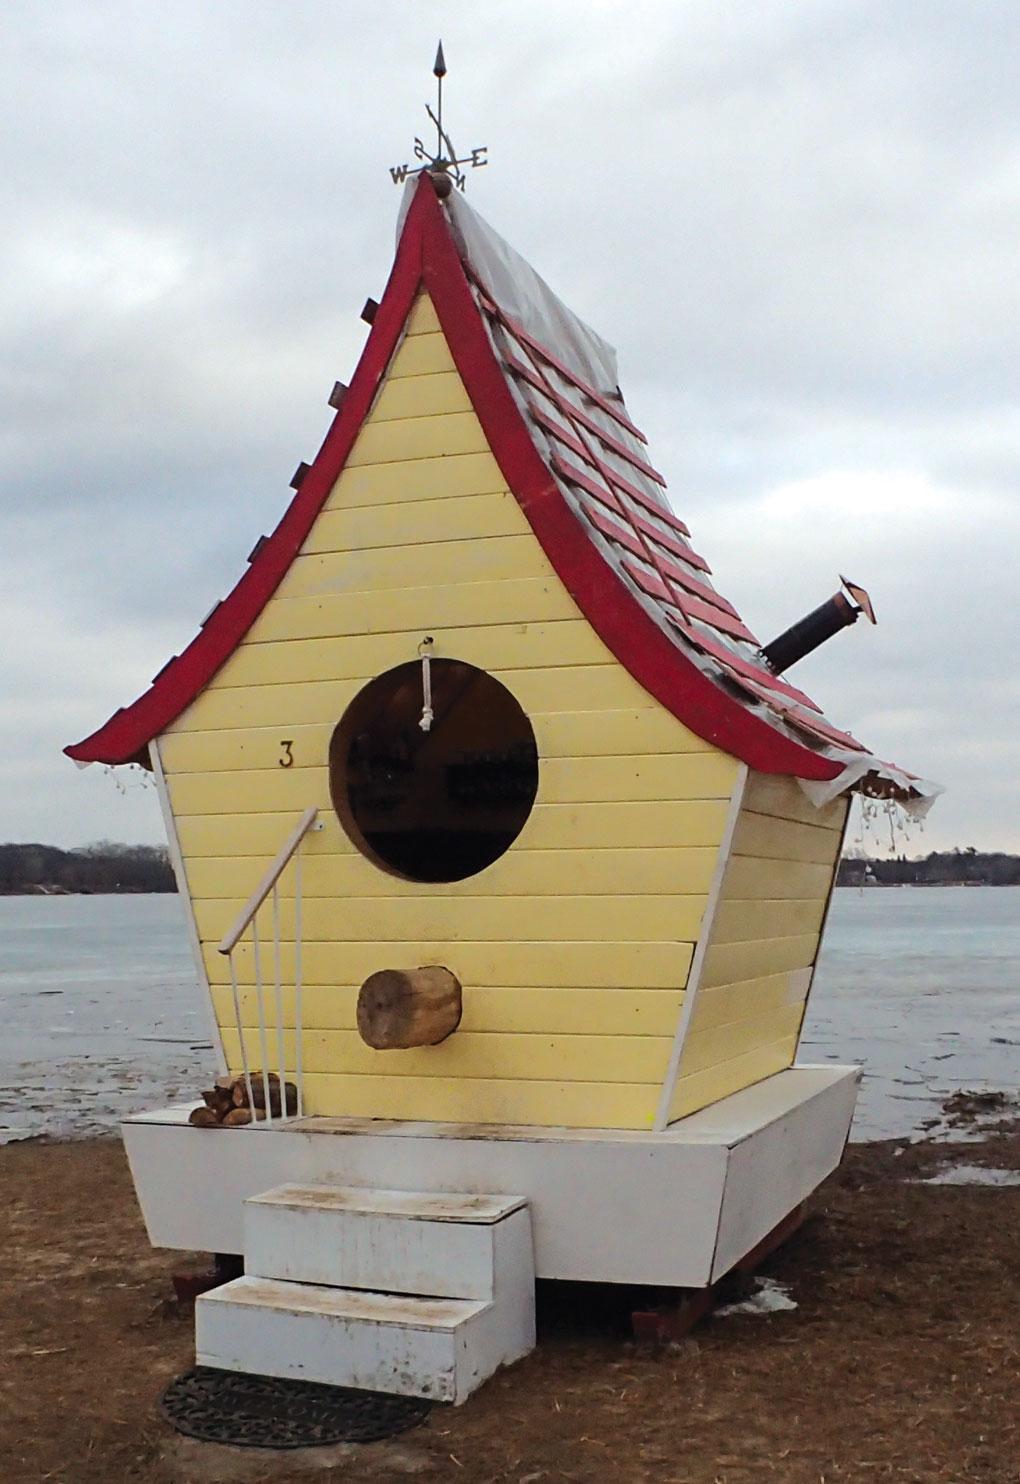 Minnesota Landscape Arboretum's Amazing Spaces, Places and Escapes: Re-imagining Treehouses Arthur JE Wren Birdhouse exterior